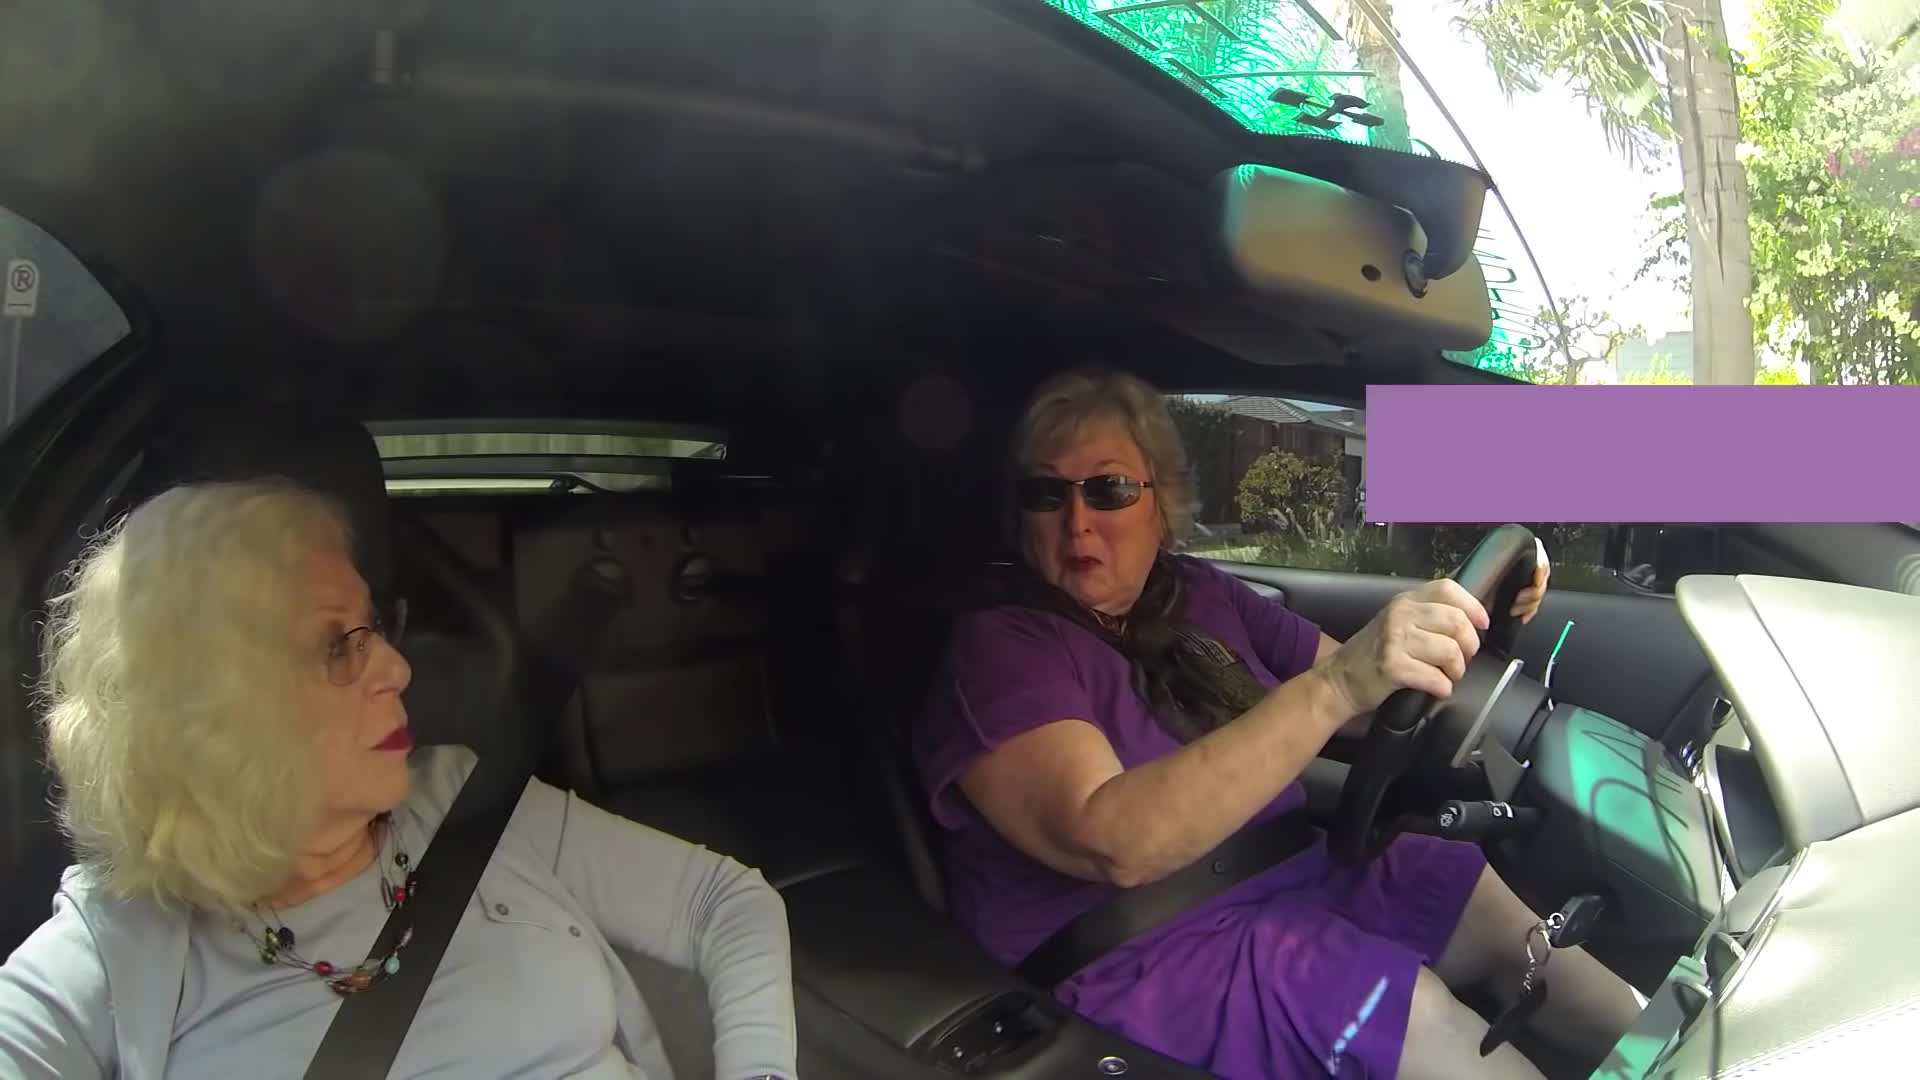 两位奶奶开兰博基尼跑车上街兜风被老爷爷搭讪